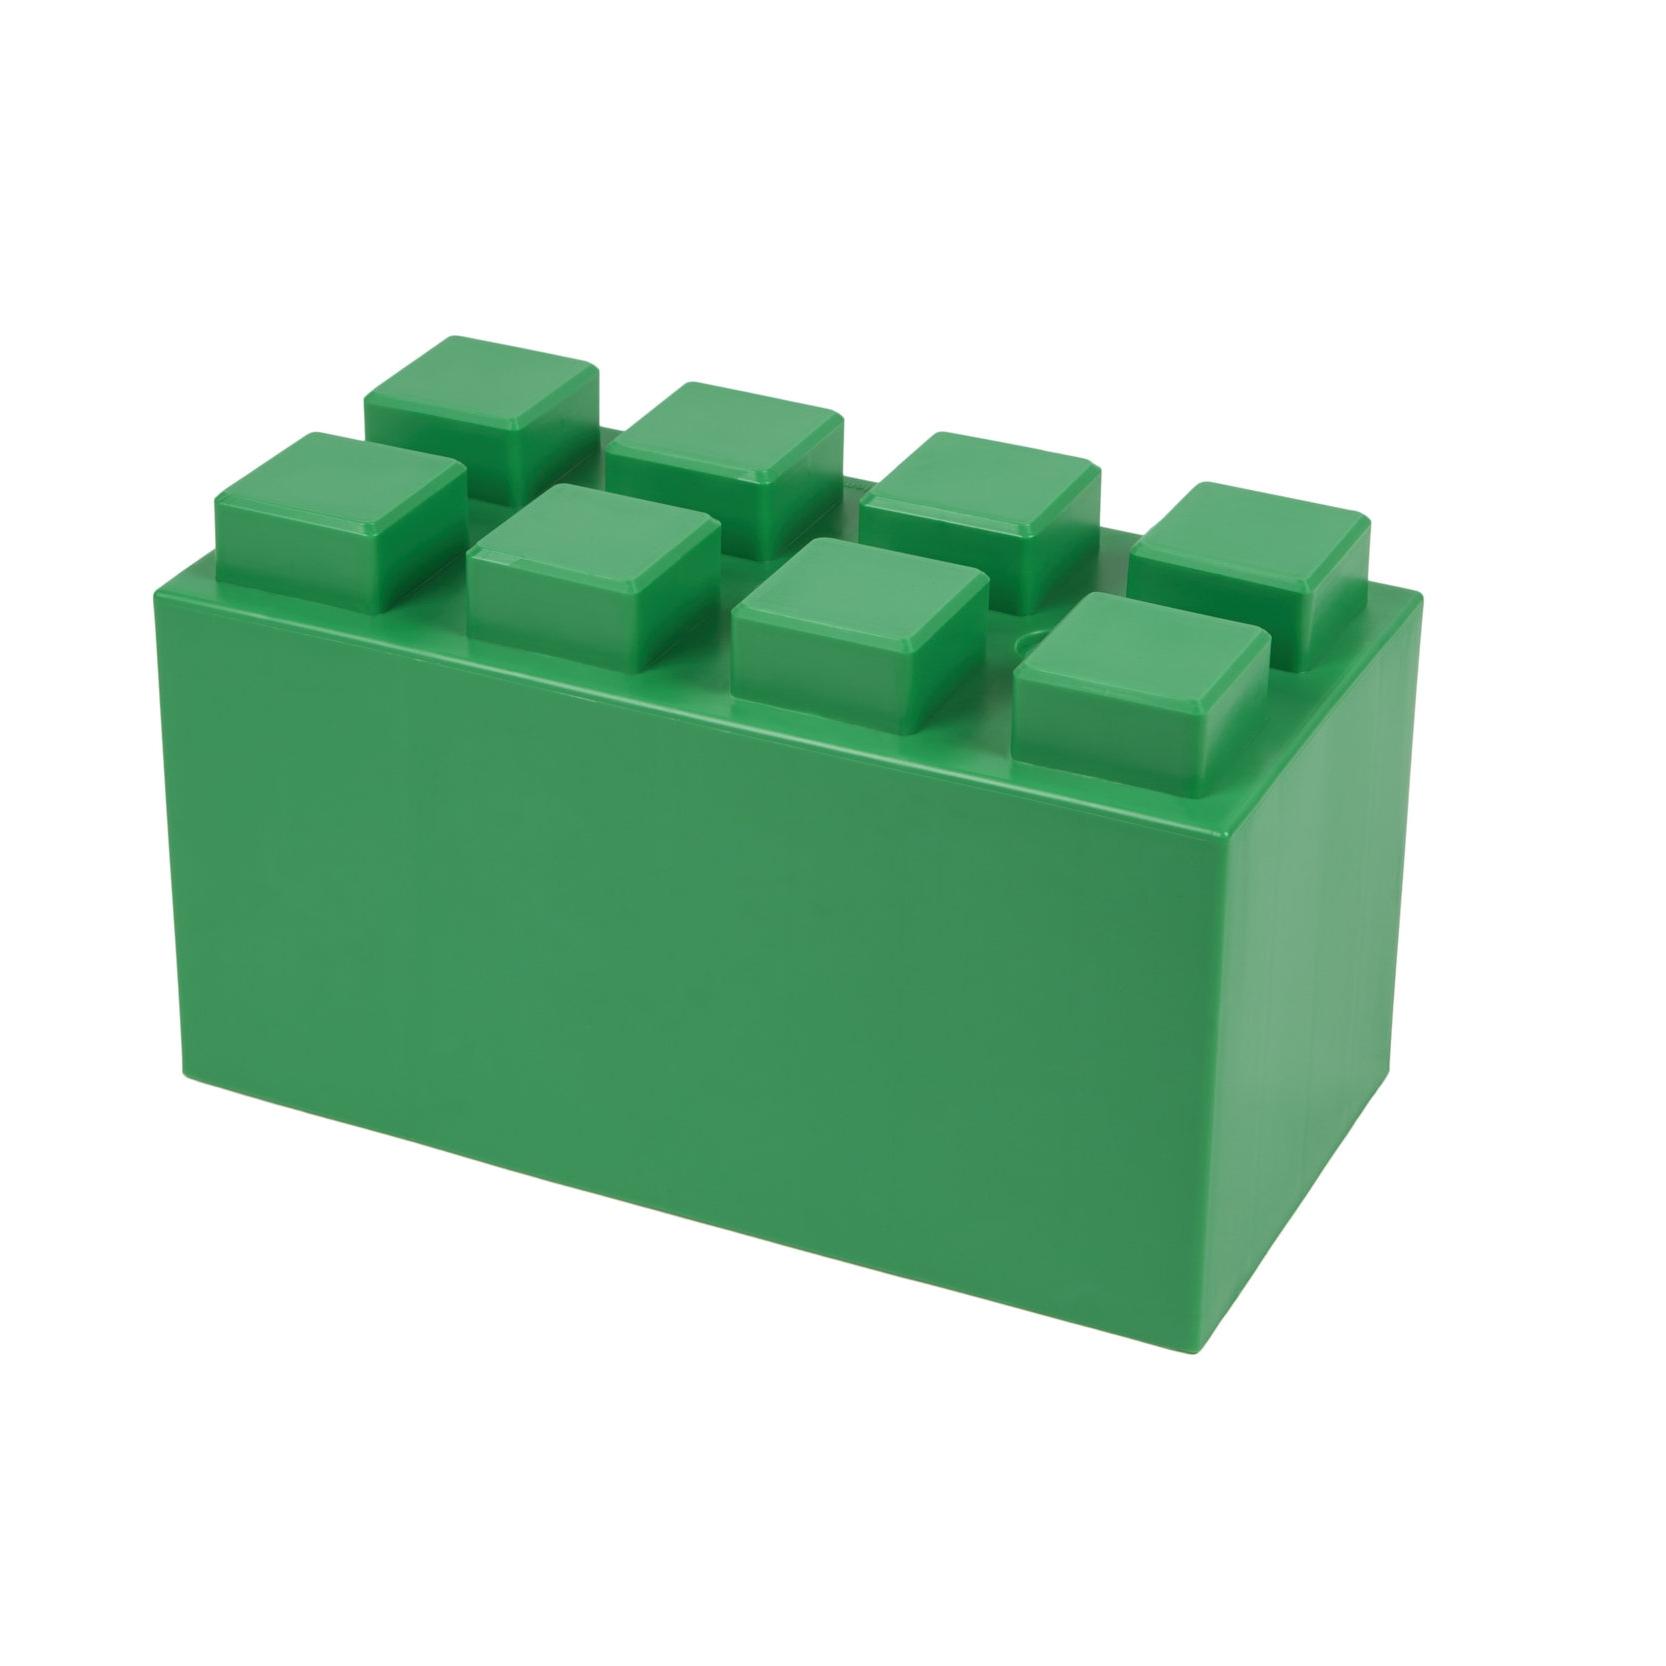 EverBlock Full Block Green